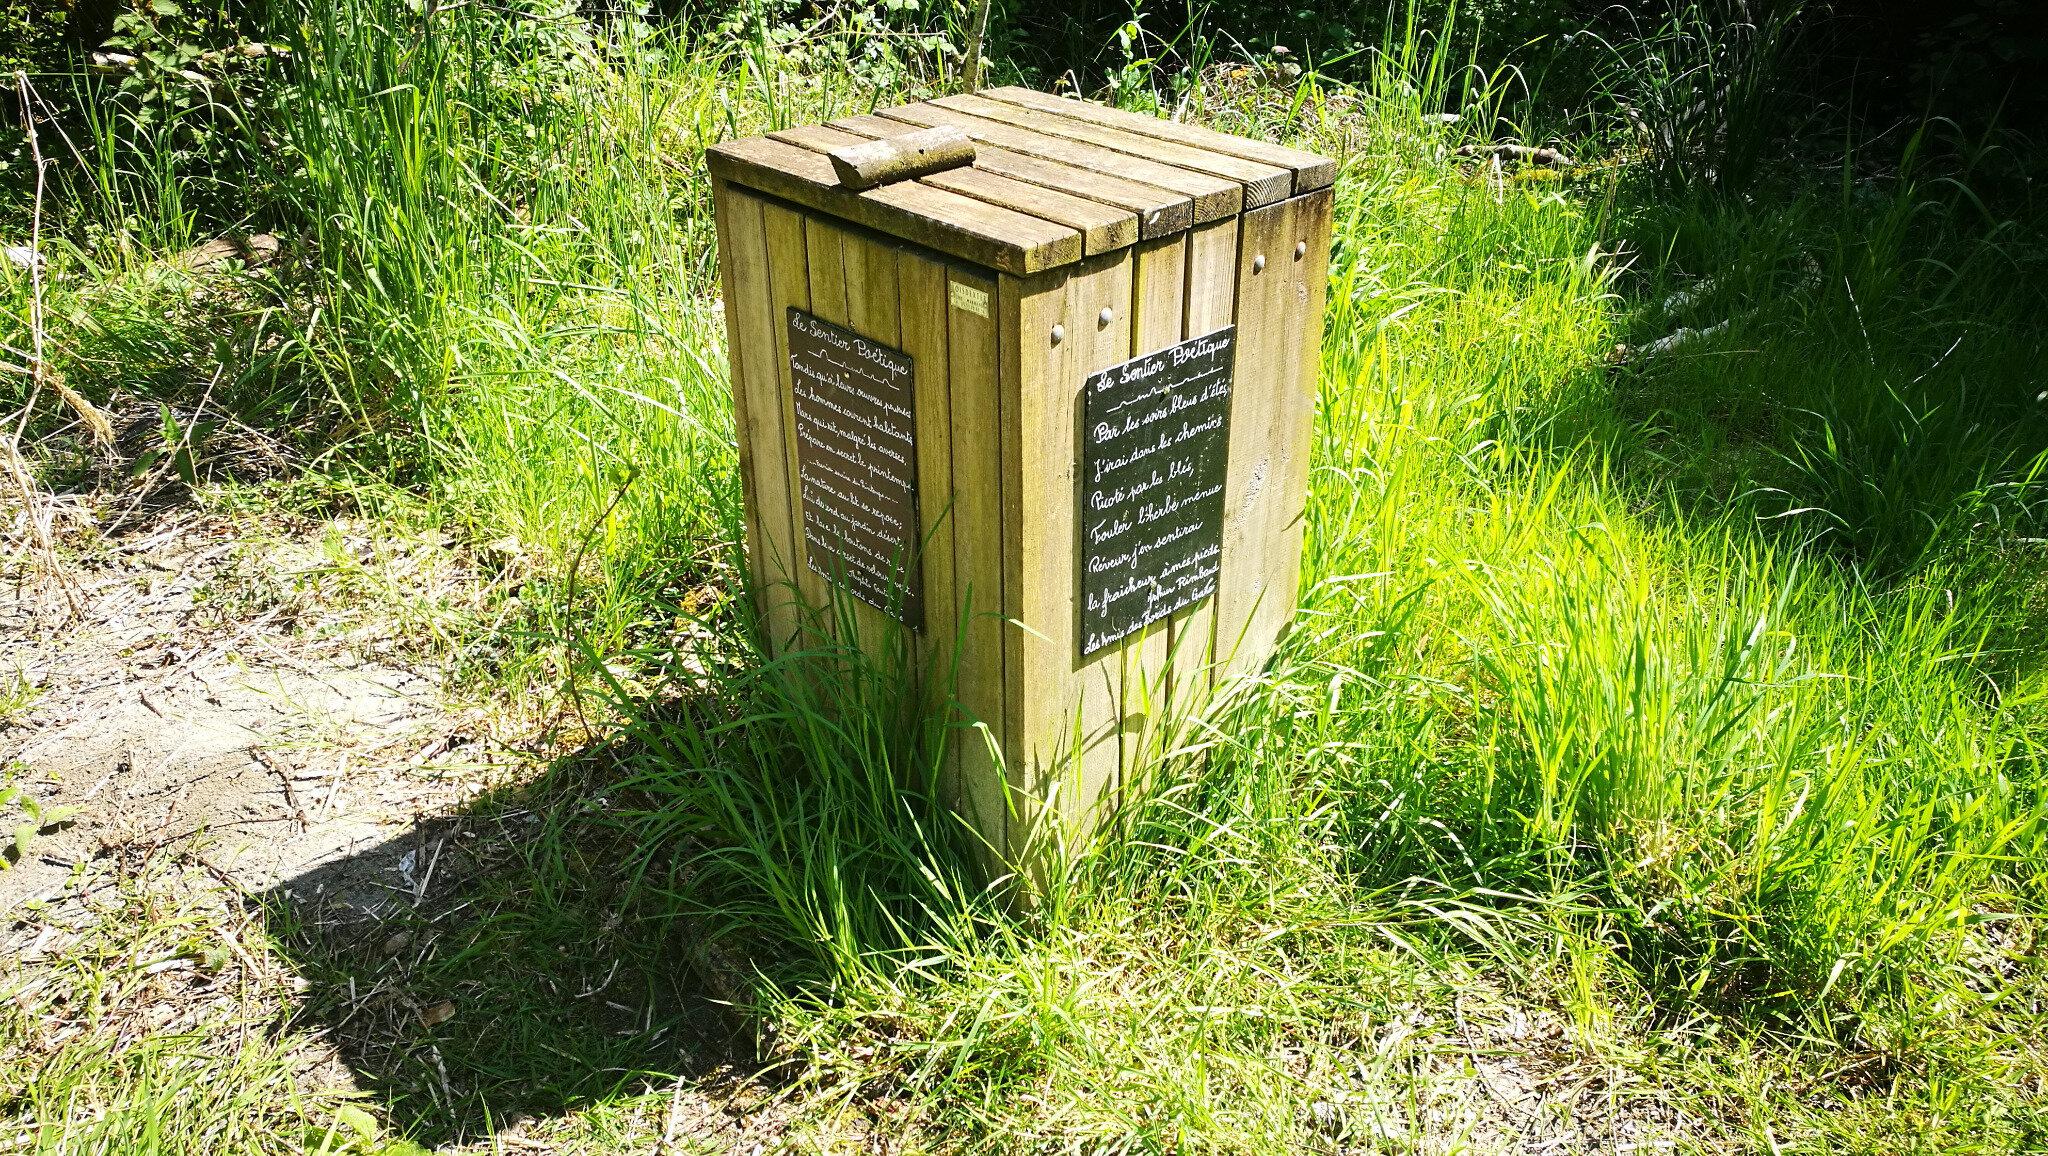 Sauveterre-De-Béarn, sentier des poètes, poubelle et poème (64)